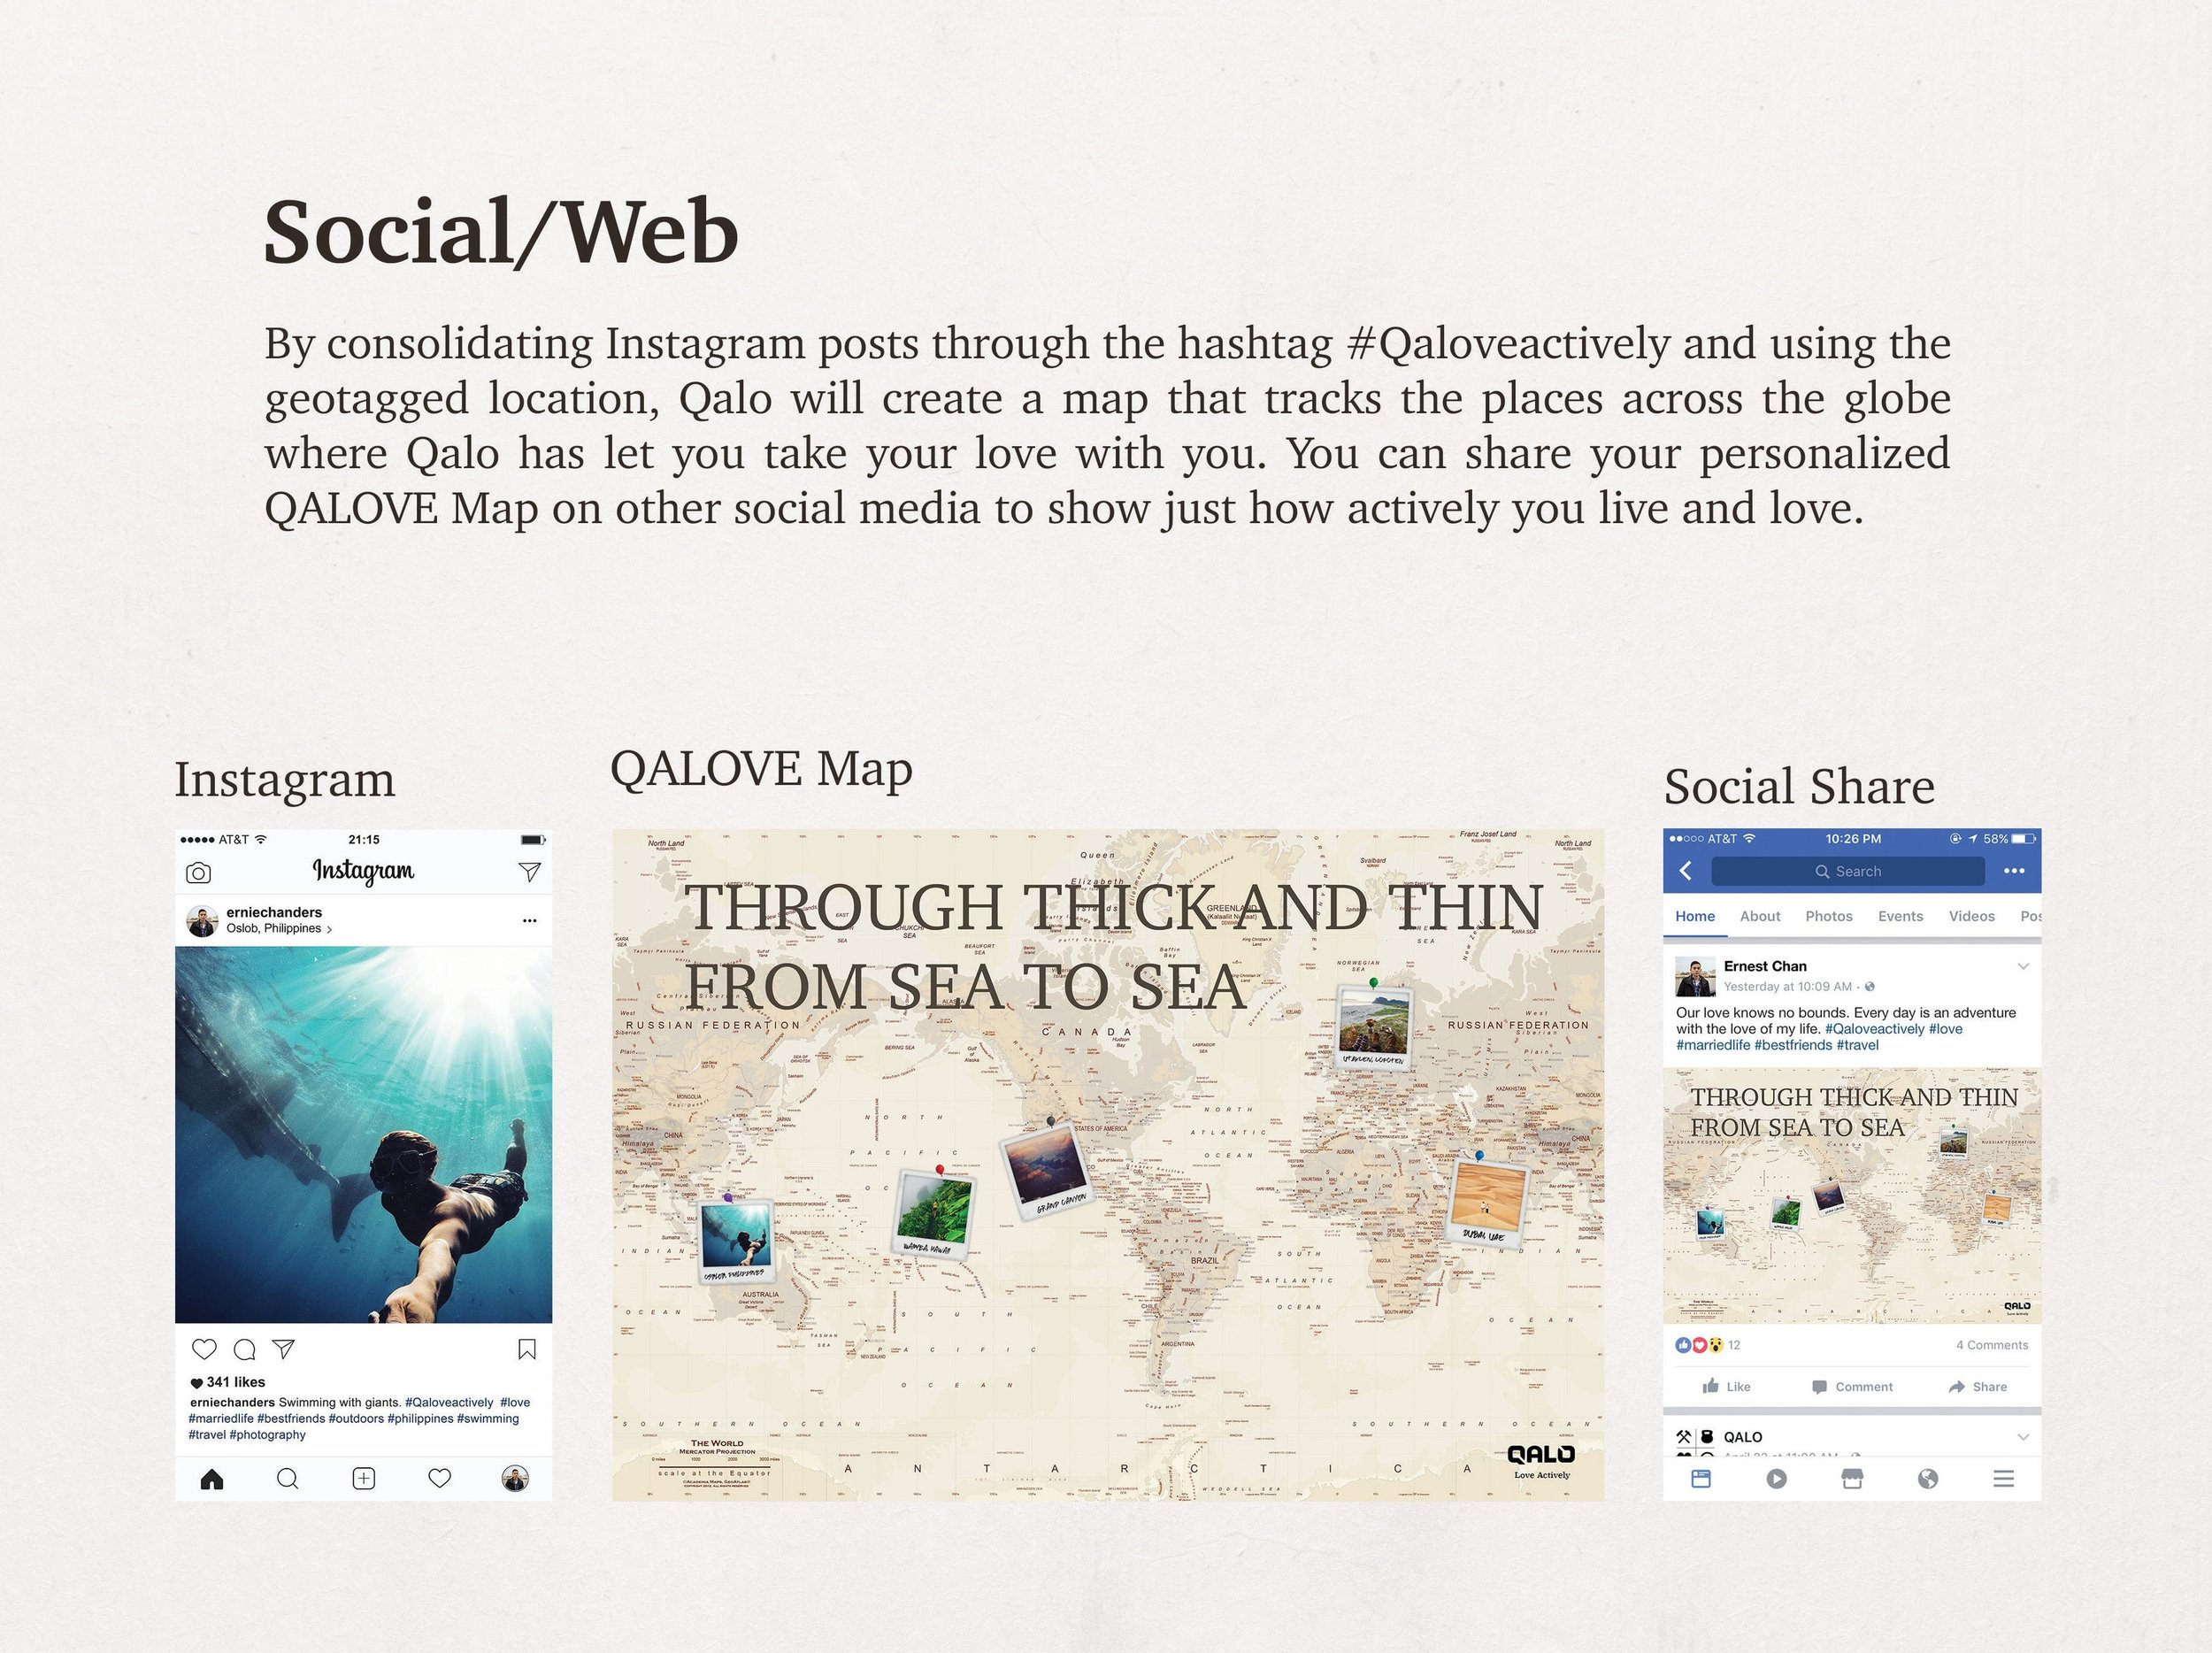 QALOsocial_website.jpg